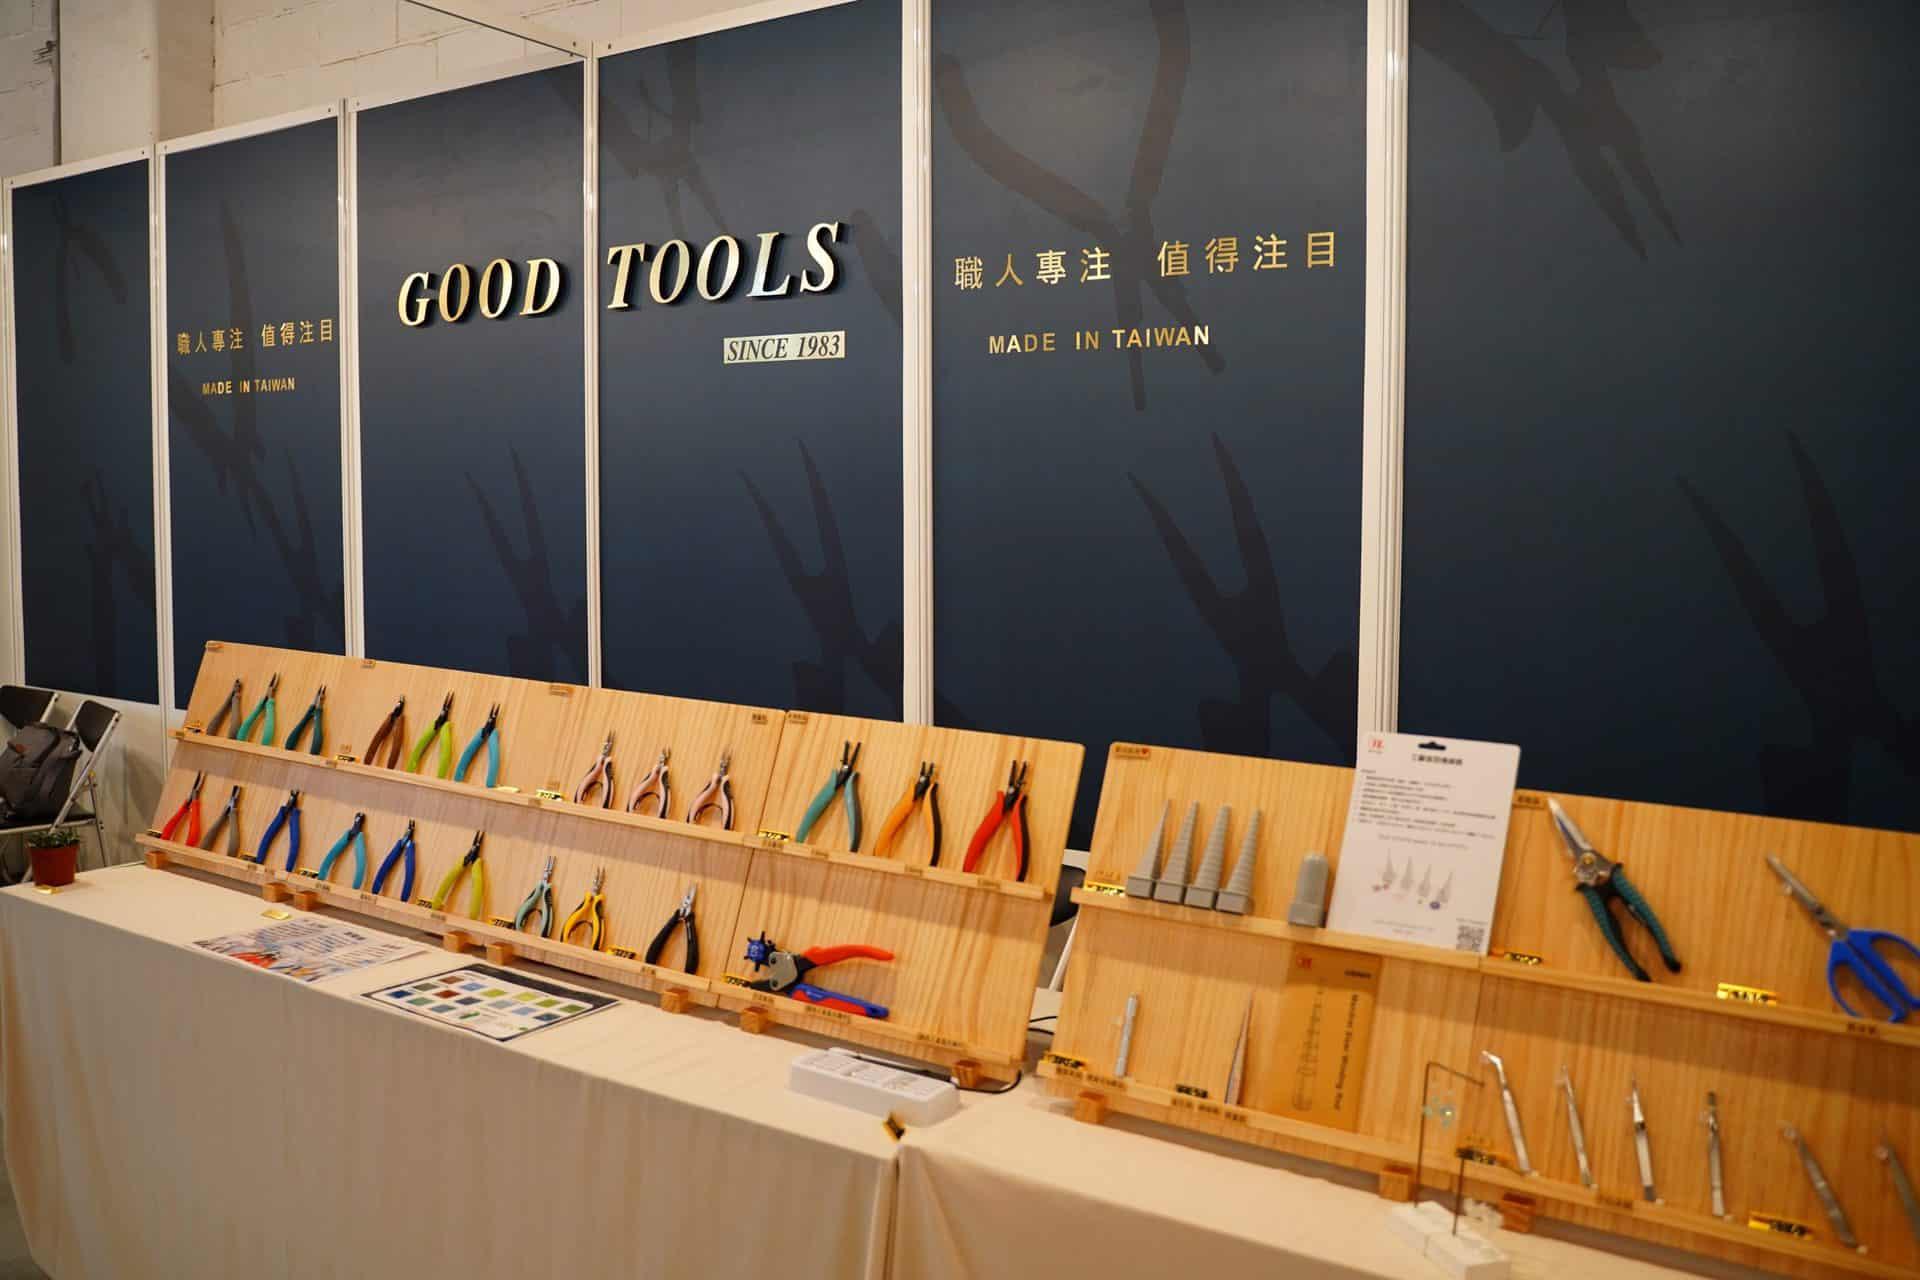 亞洲手創展全名為「亞洲手作創意創業商業展覽會」,實際上「handmade」一詞對於Pop Up Asia來說,並非只侷限於傳統的手工製造,如縫紉、編織或木工之類而已,而是包括當代的設計商品,甚至將範圍擴大到以手工開始設計製作的商品,例如以手工繪製或設計,再送到工廠製造的商品,也視同為當代的手創產品。